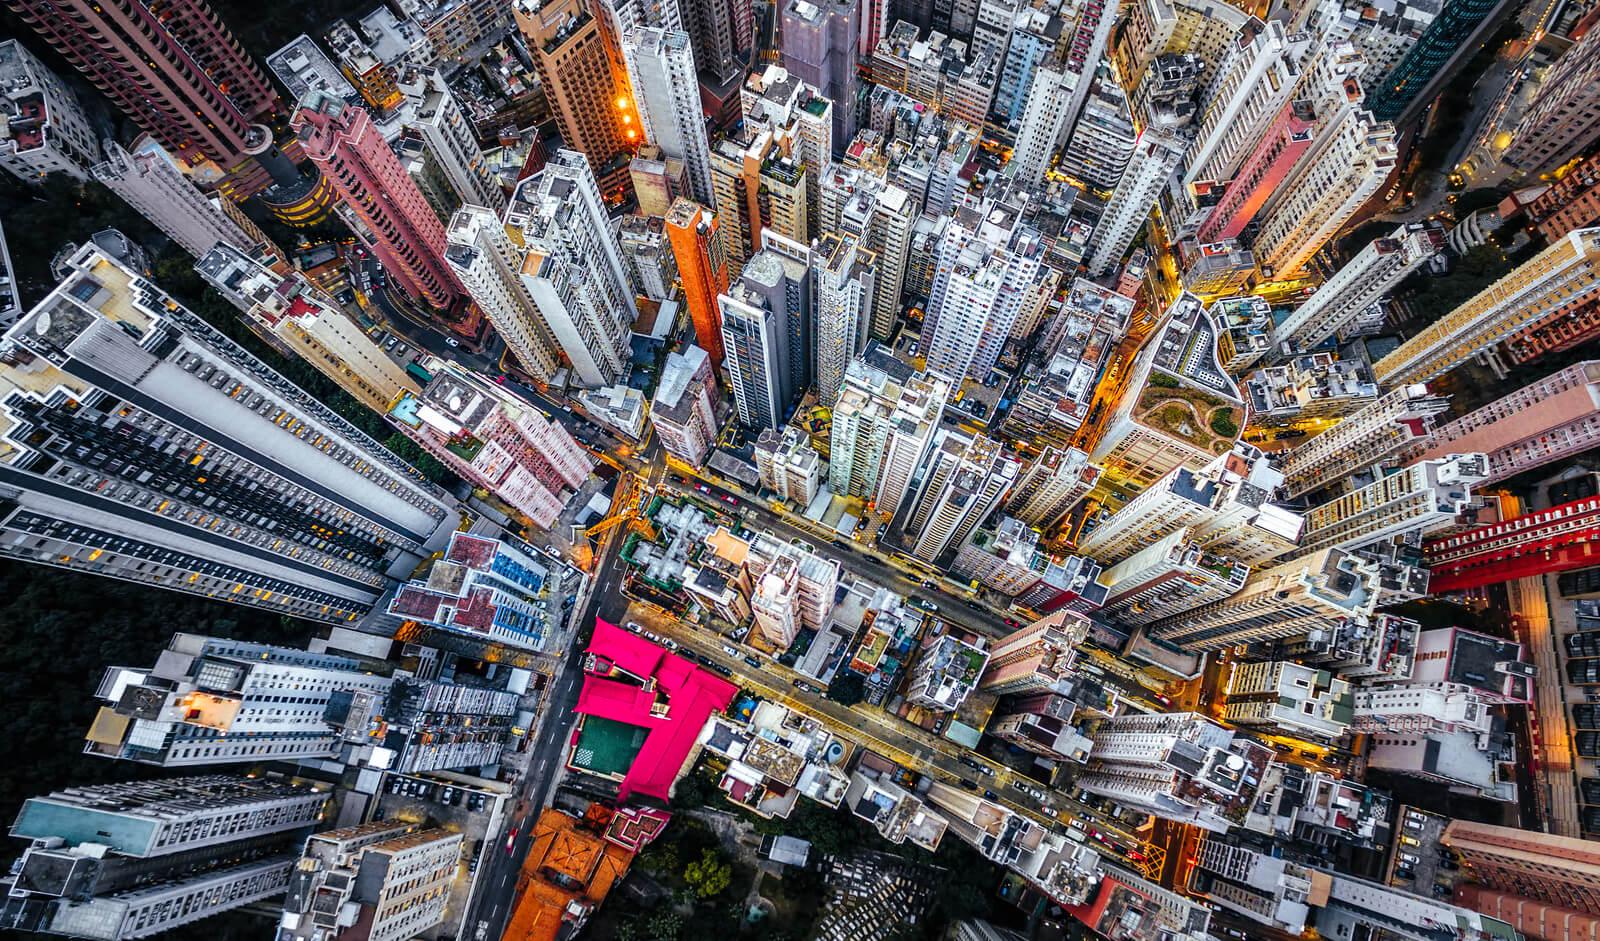 Hong Kong es la ciudad del mundo con mayor cantidad de edificios con una altura promedio de 150 metros y una de las que tiene una mayor densidad de población.